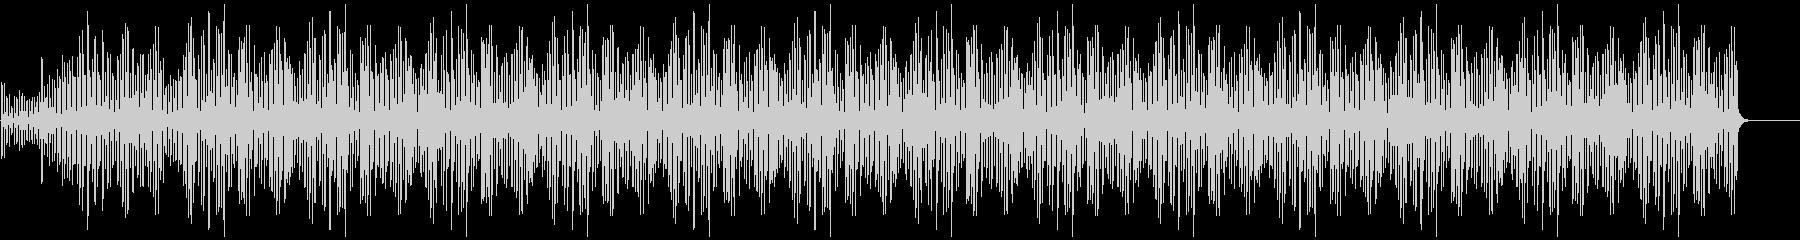 ミニマルなピアノBGM(ストリングス無)の未再生の波形